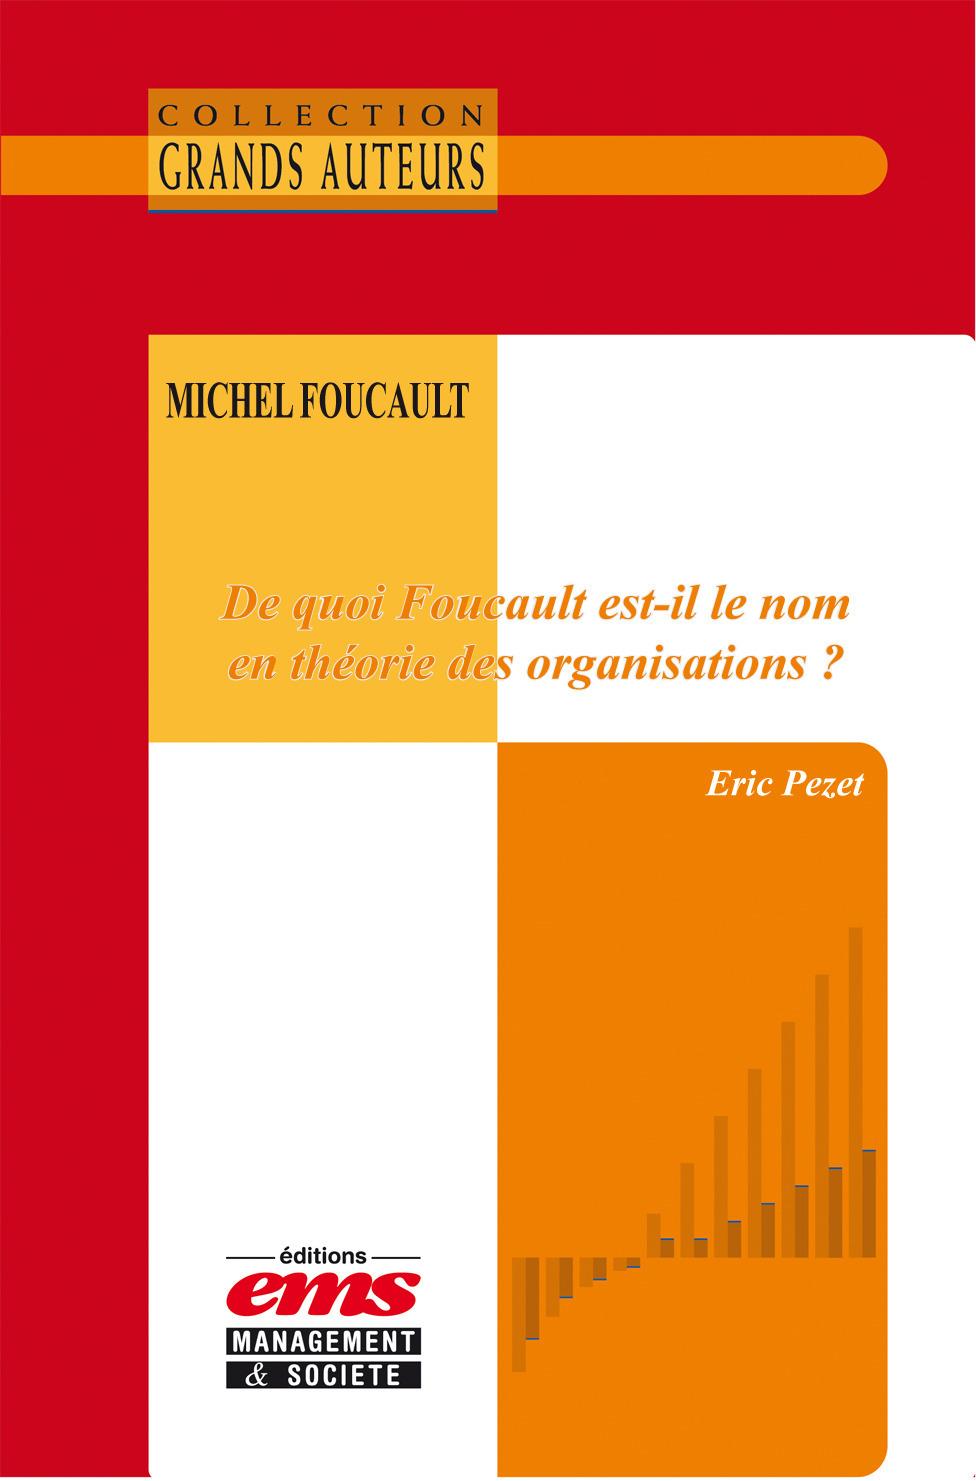 De quoi Foucault est-il le nom en théorie des organisations ?